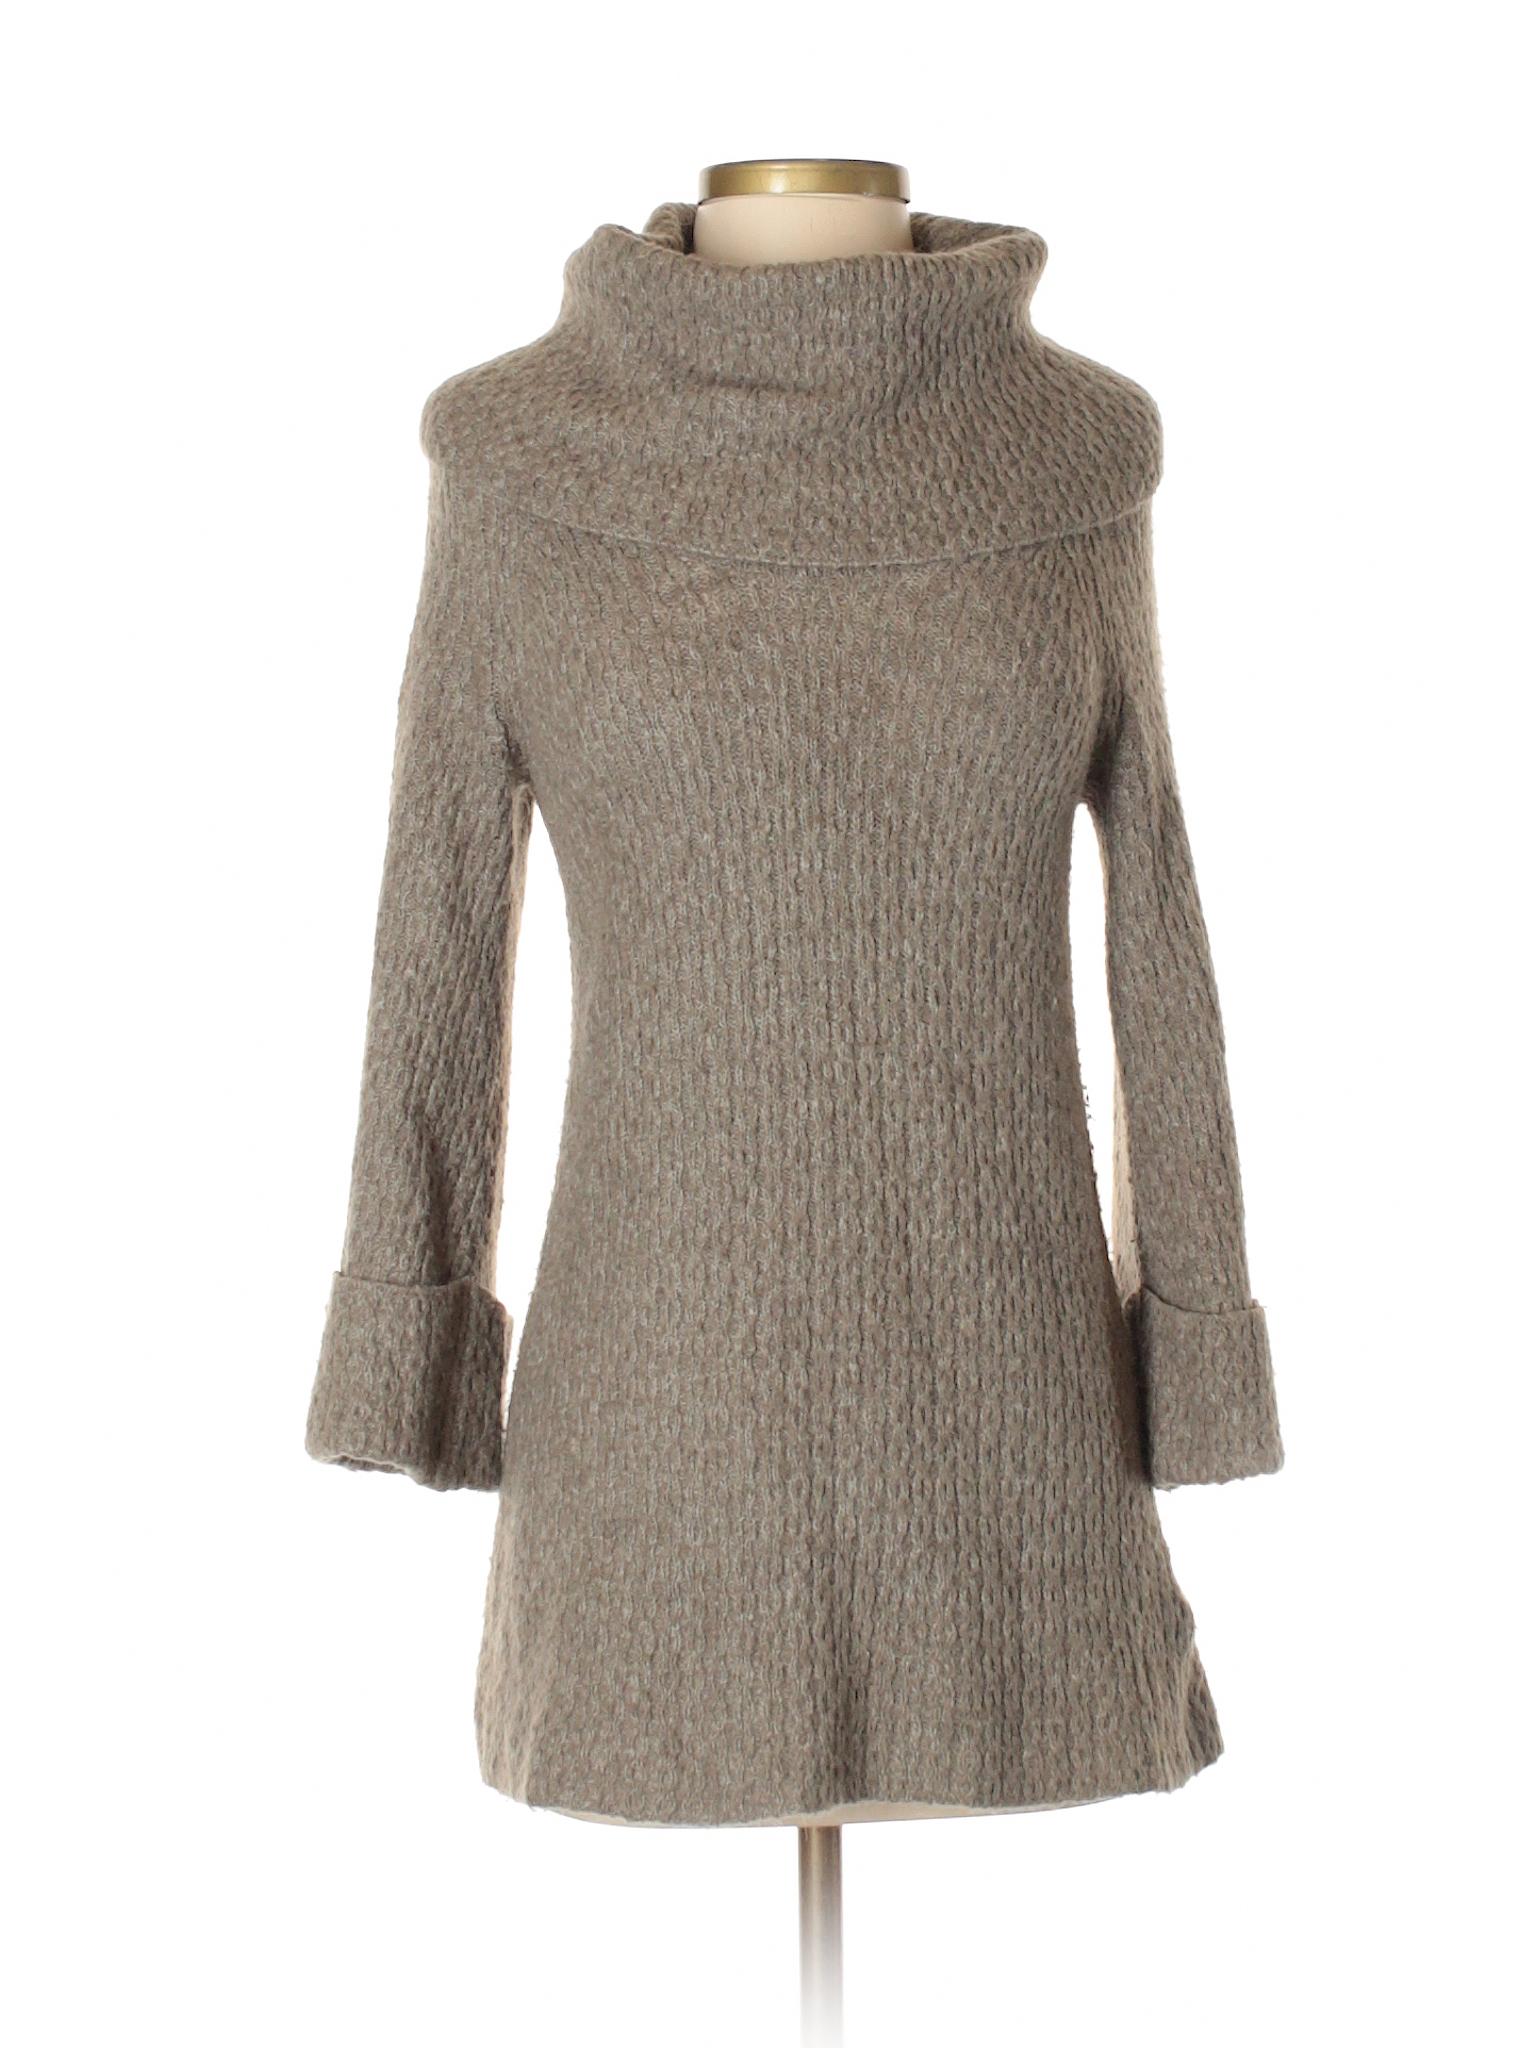 Pullover Mac amp; Boutique Jac Sweater 4TqHv